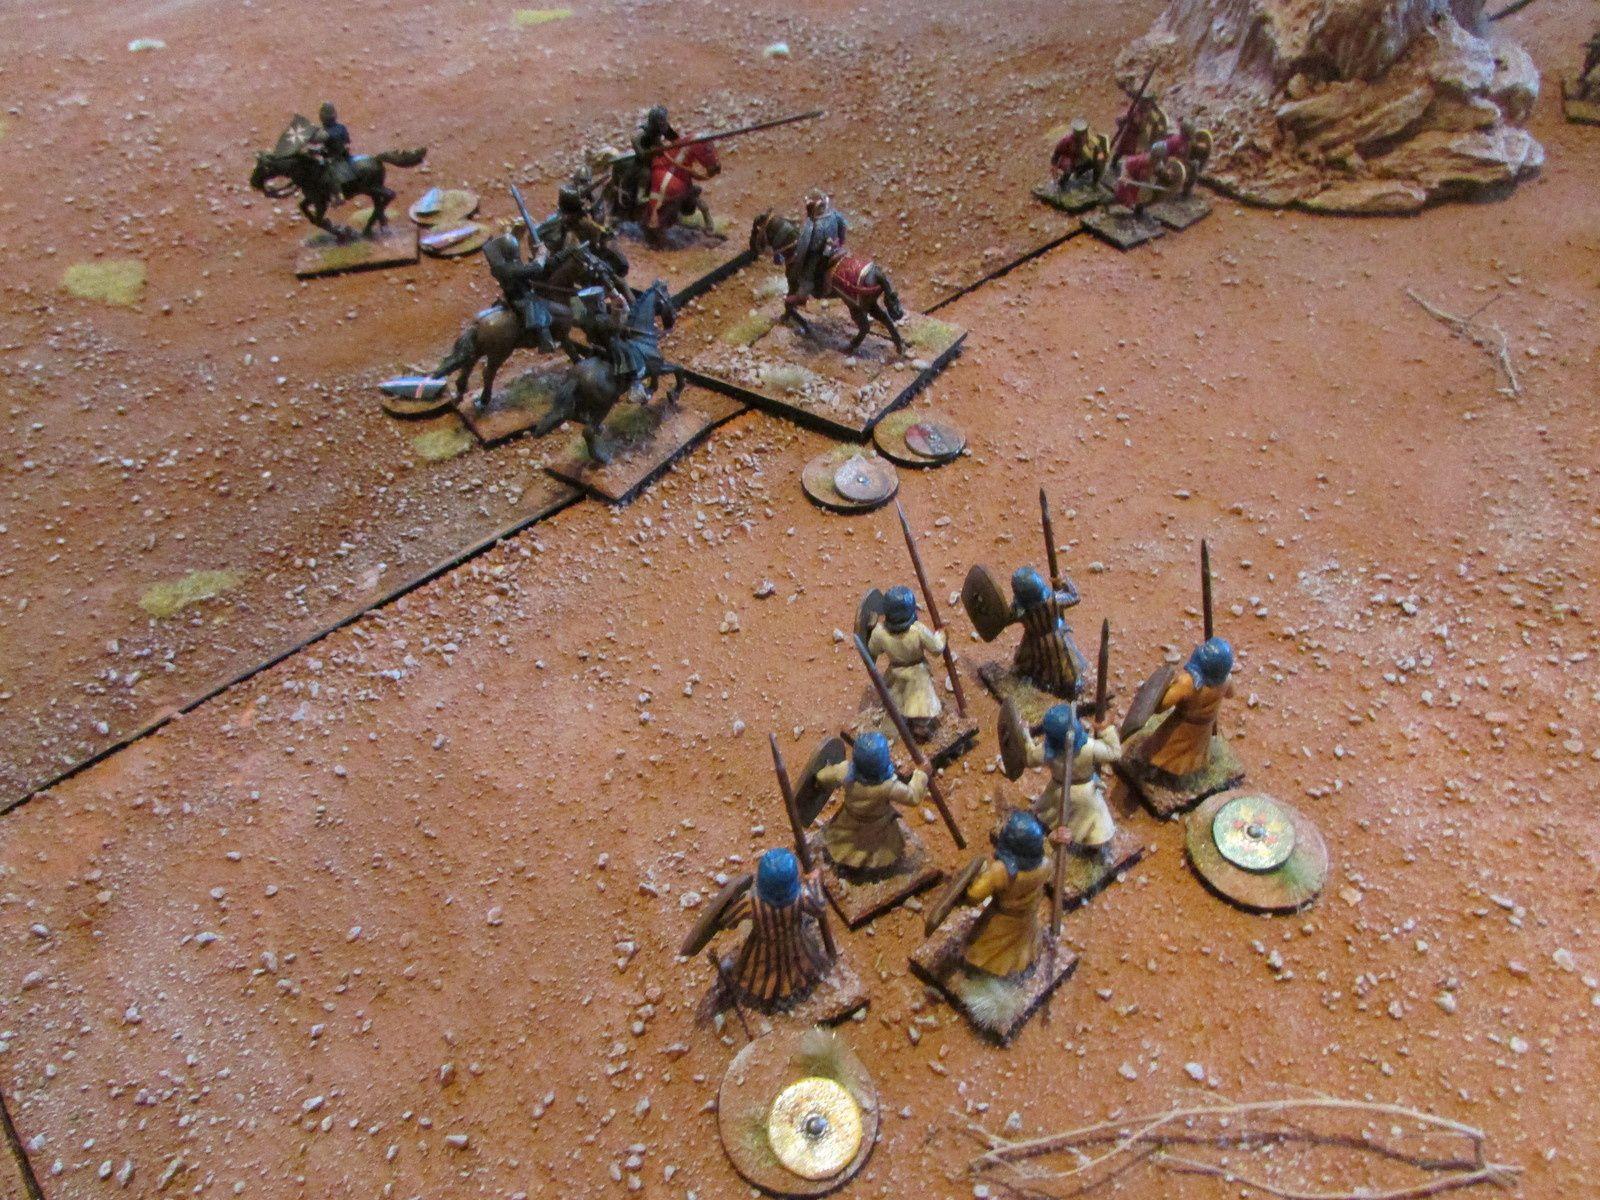 Mais le seigneur El biak, les bedouins et les archers vont rendre coup pour coup...